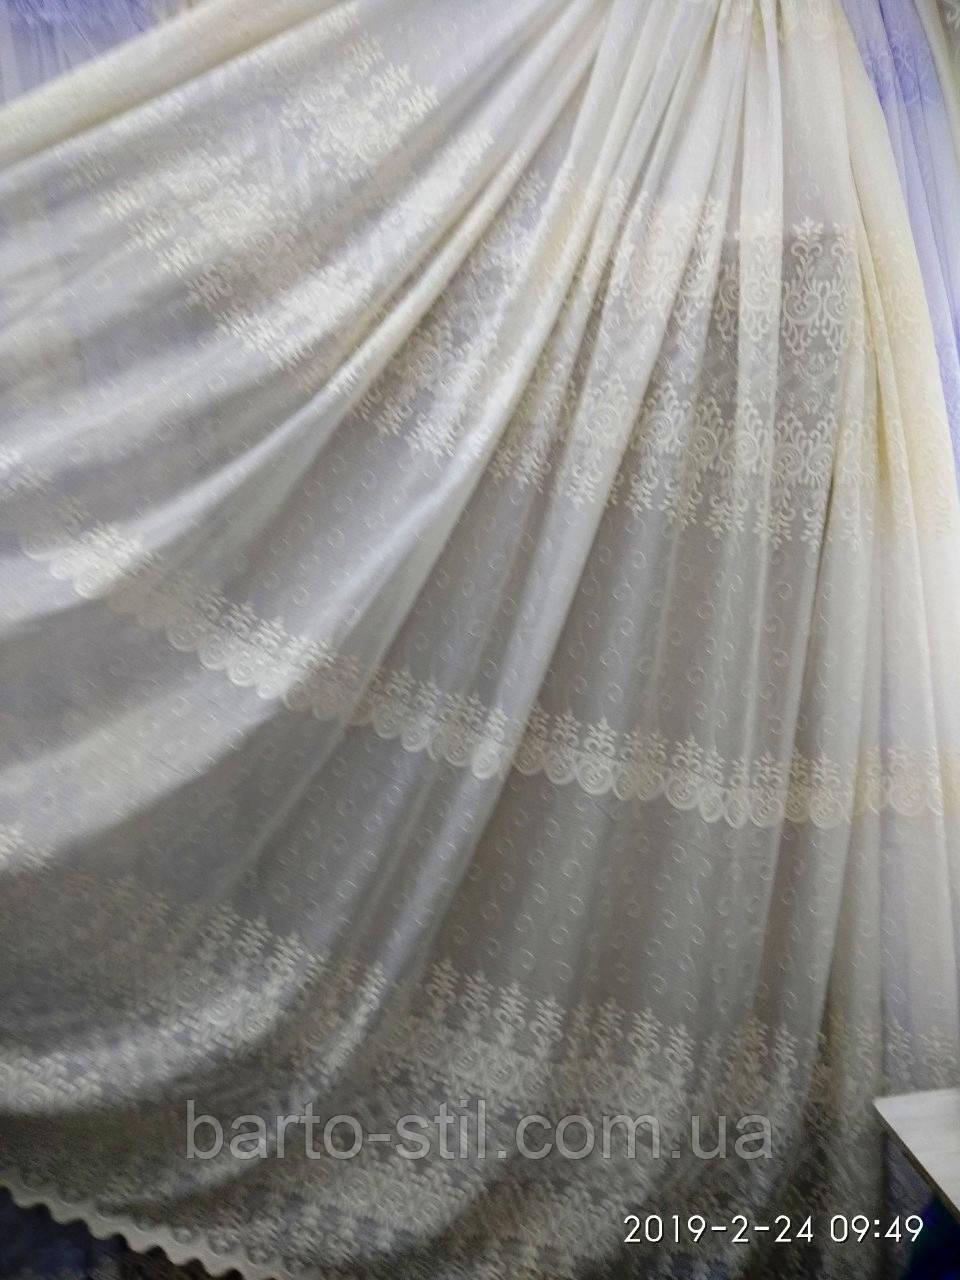 Кремовая тюль с вышивкой на батисте Оптом и на метраж Высота 2.8 м